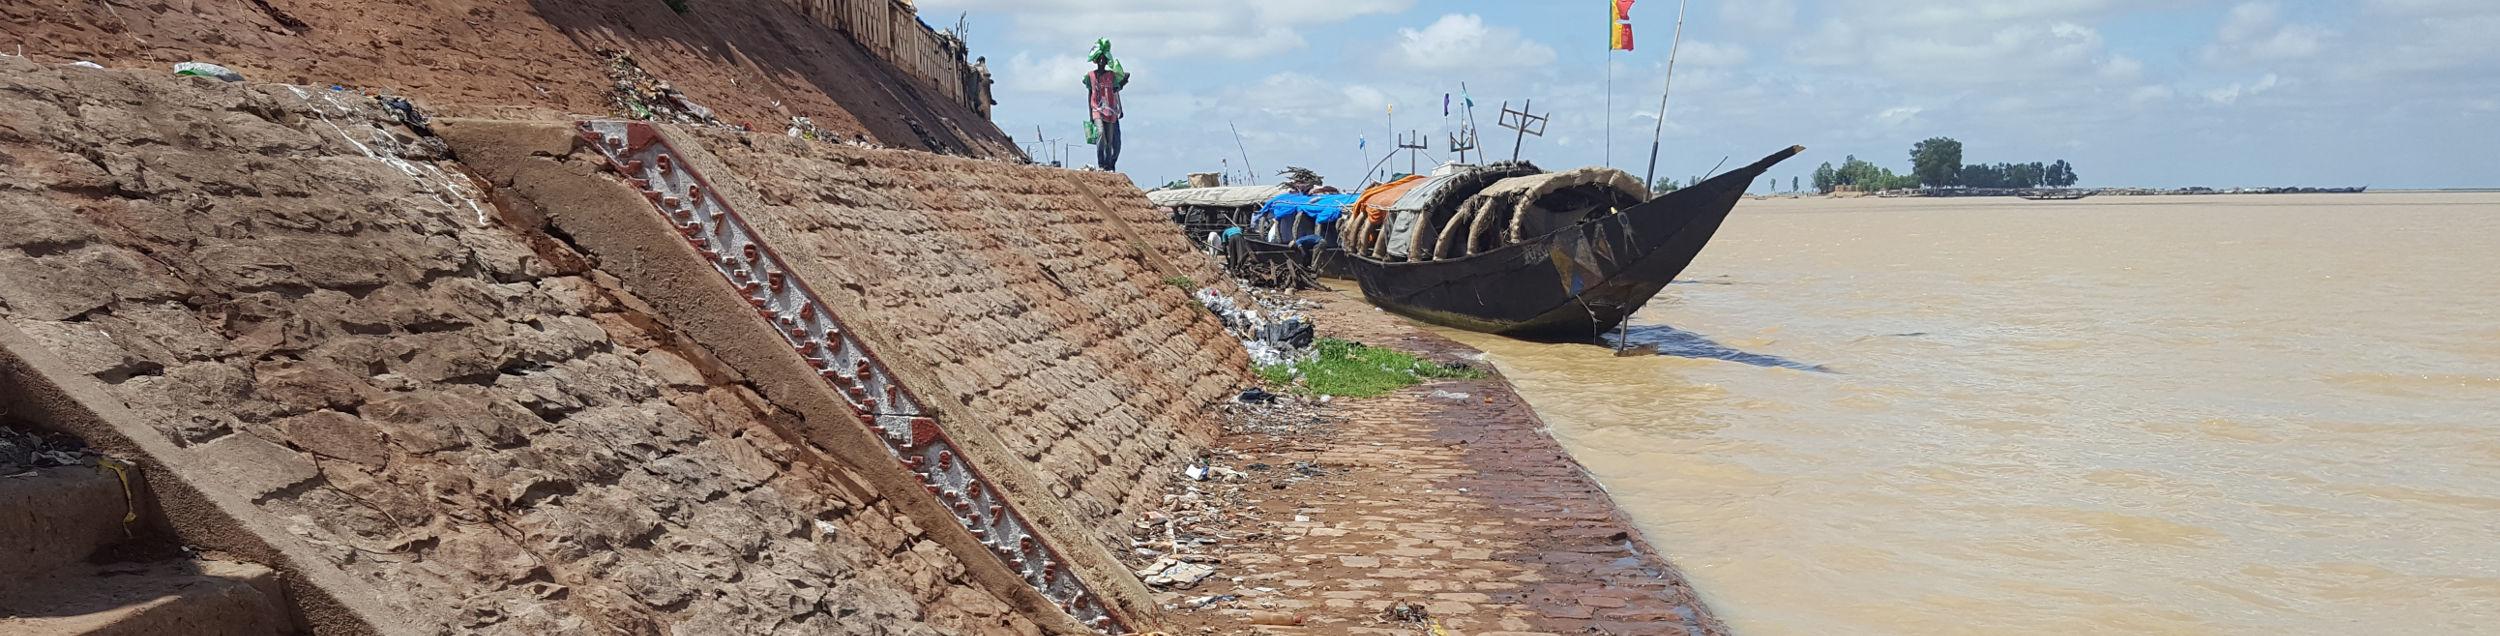 OPIDIN - Outil de Prédiction des Inondations dans le Delta Intérieur du Niger